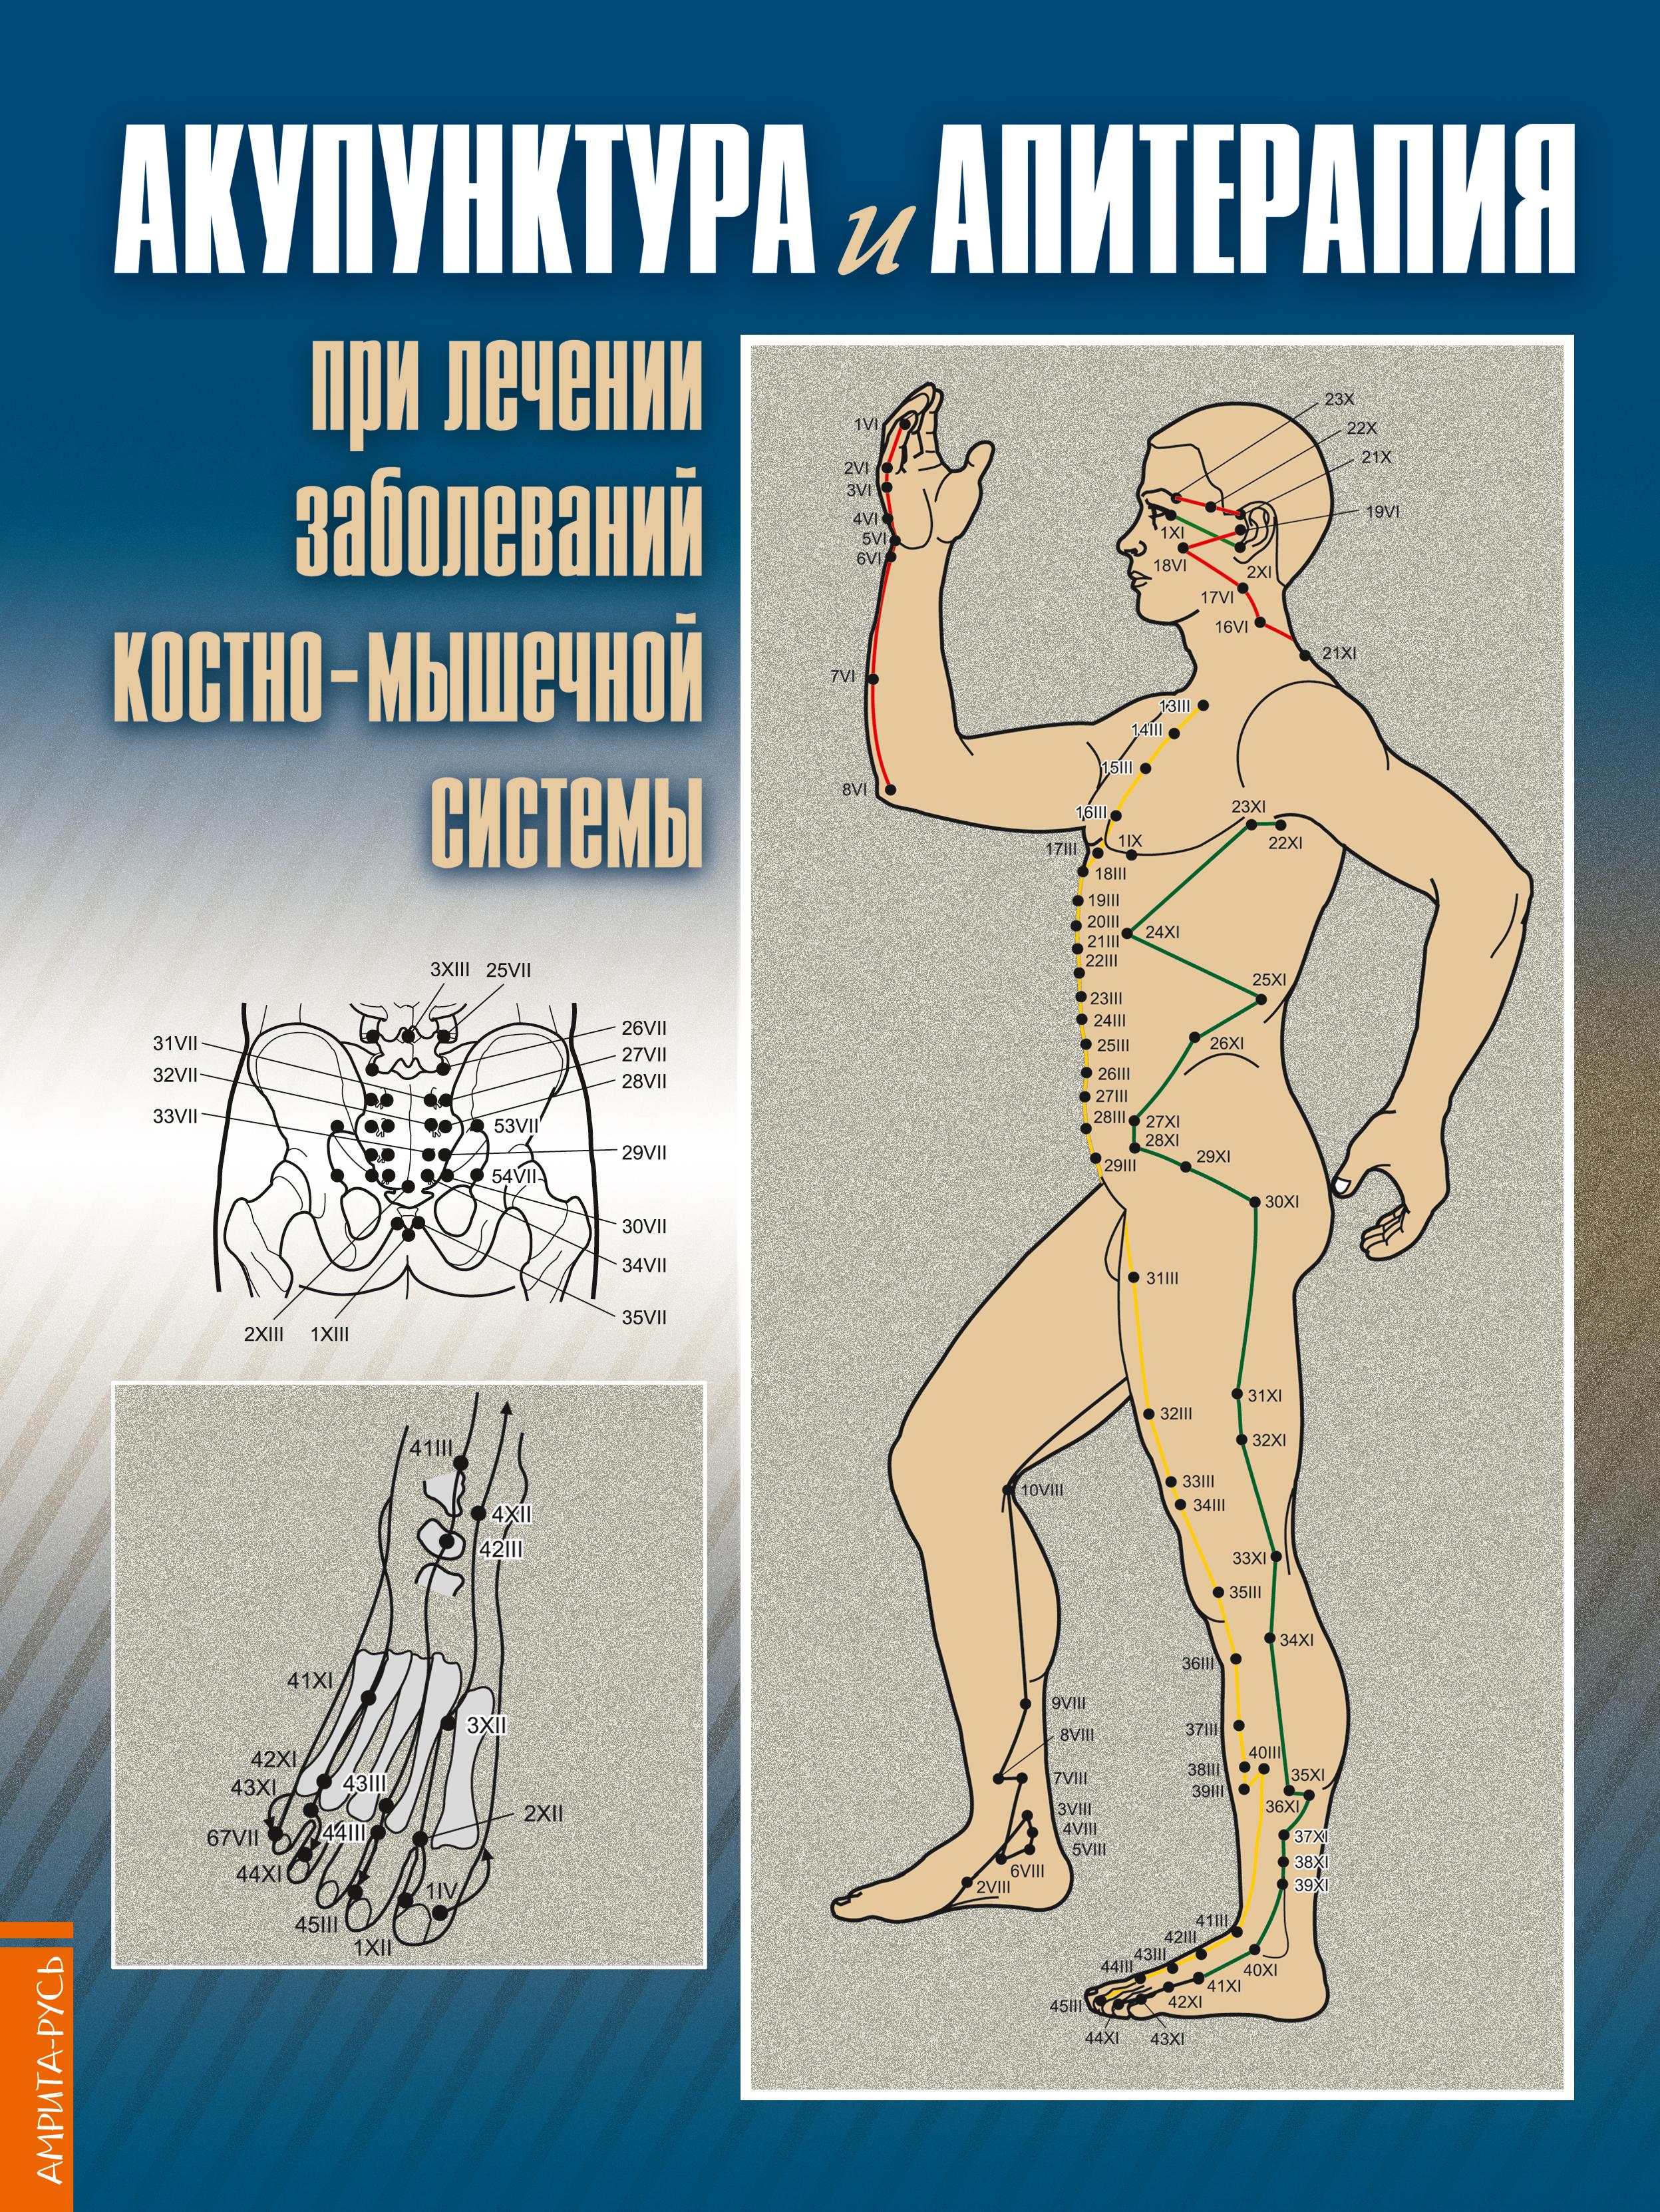 Акупунктура и апитерапия при лечении заболеваний костно-мышечной системы. 2-е изд. Практ. рук-во